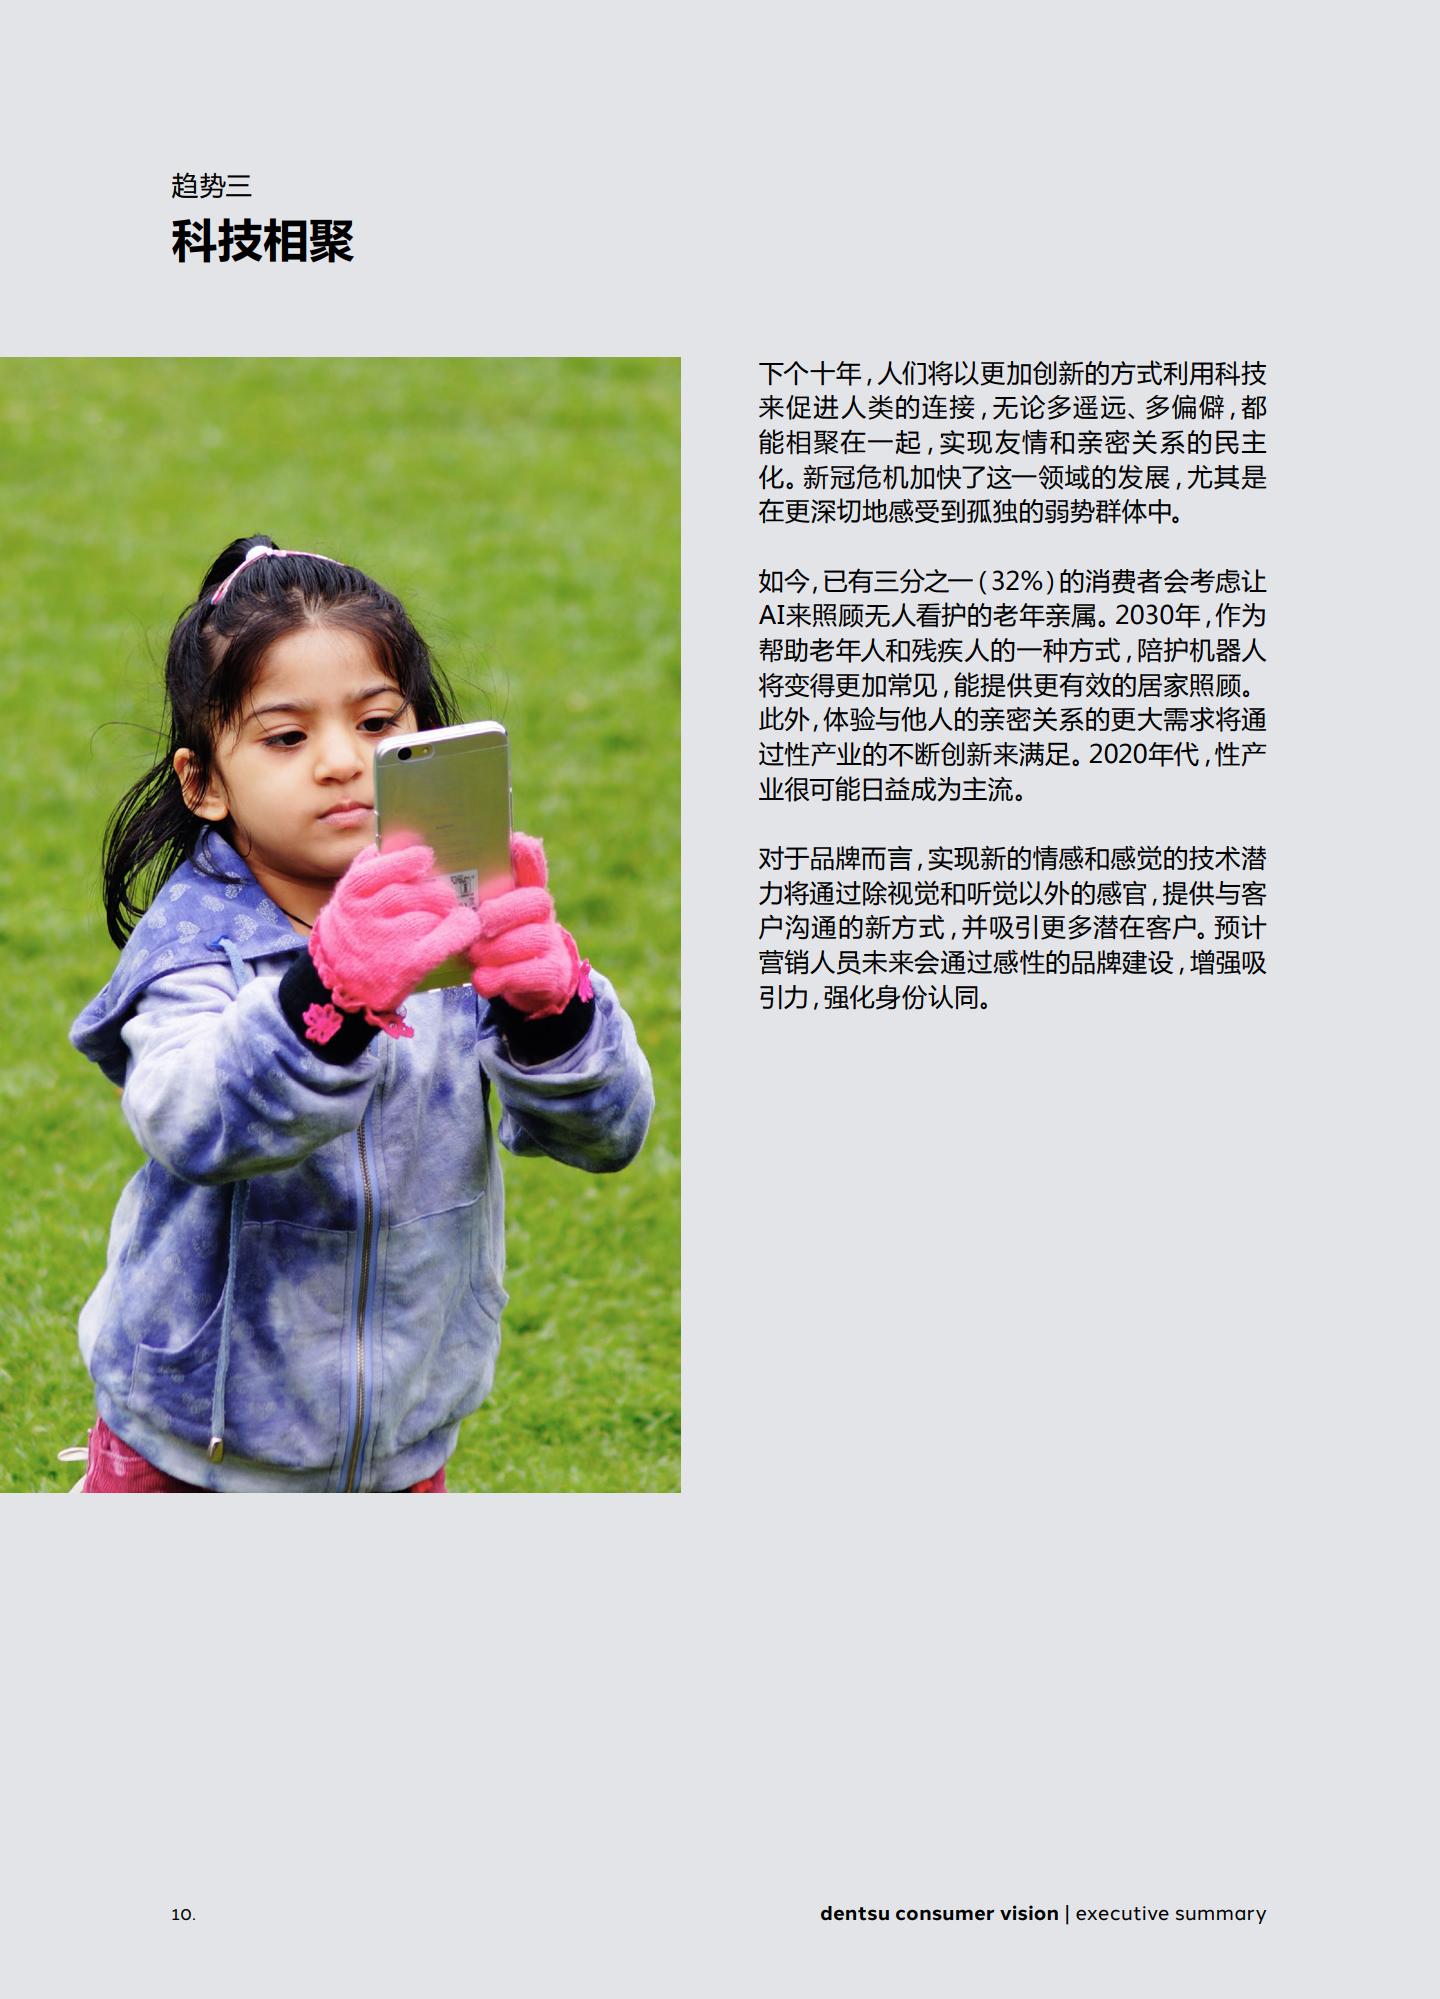 電通消費者版報告:包容性智慧時代(附下載)